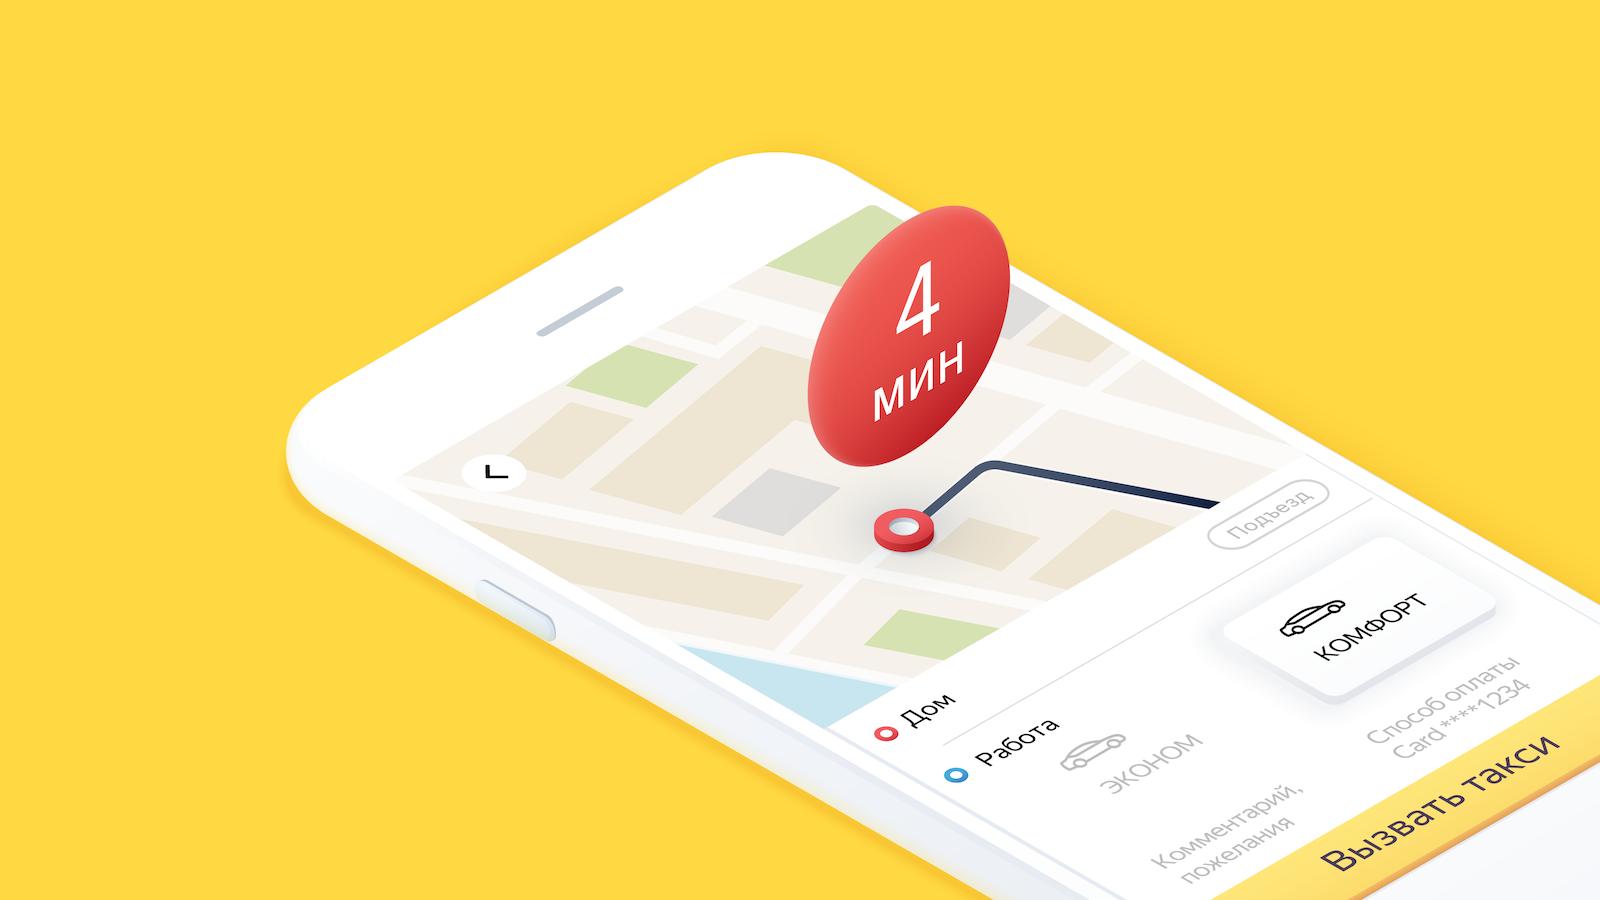 Как Яндекс.Такси прогнозирует время подачи автомобиля с помощью машинного обучения - 1